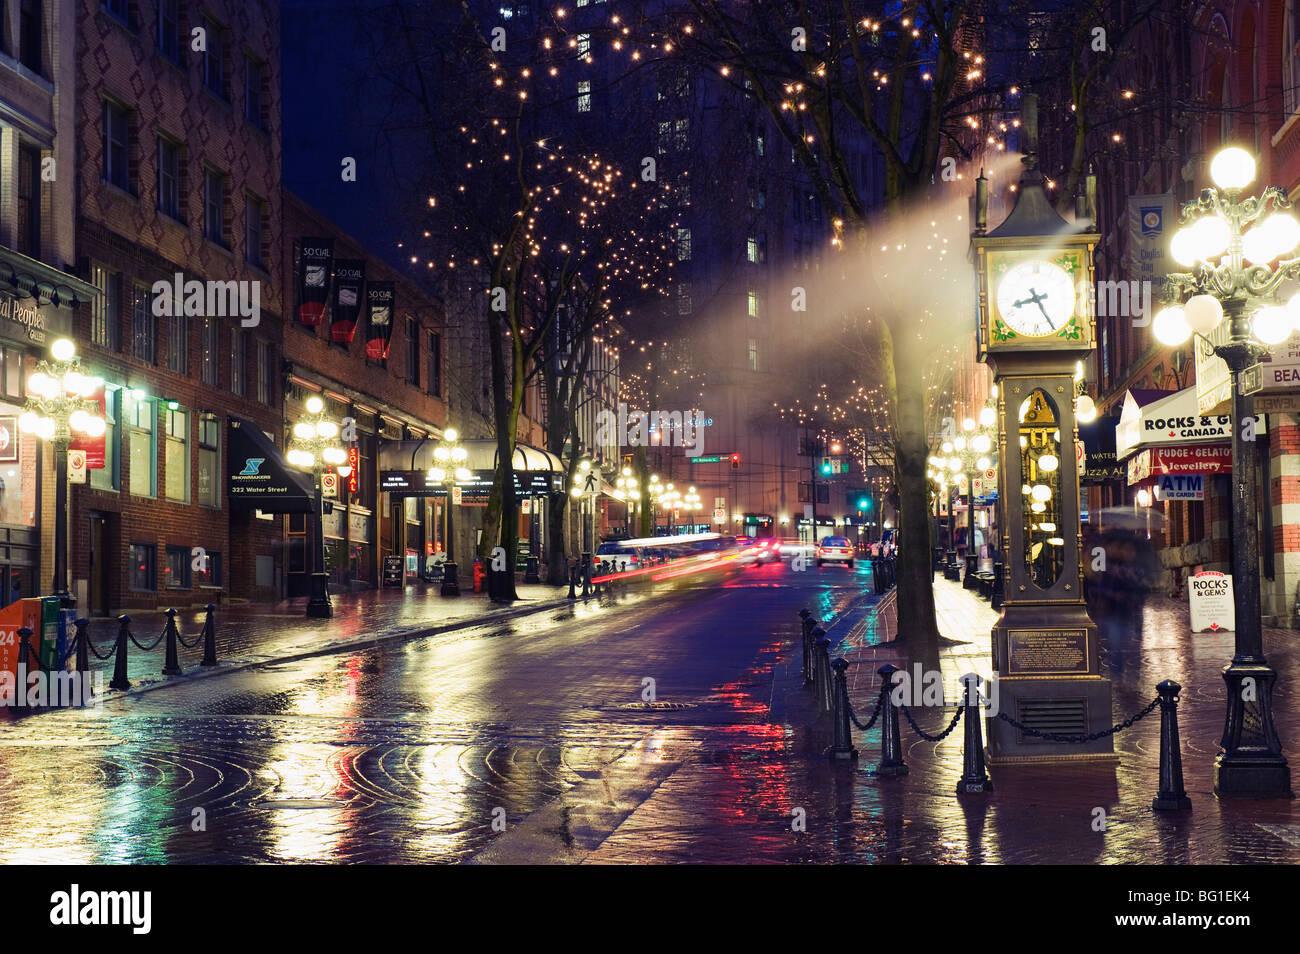 L'horloge à vapeur dans la nuit sur la rue Water, Gastown, Vancouver, British Columbia, Canada, Amérique du Nord Banque D'Images